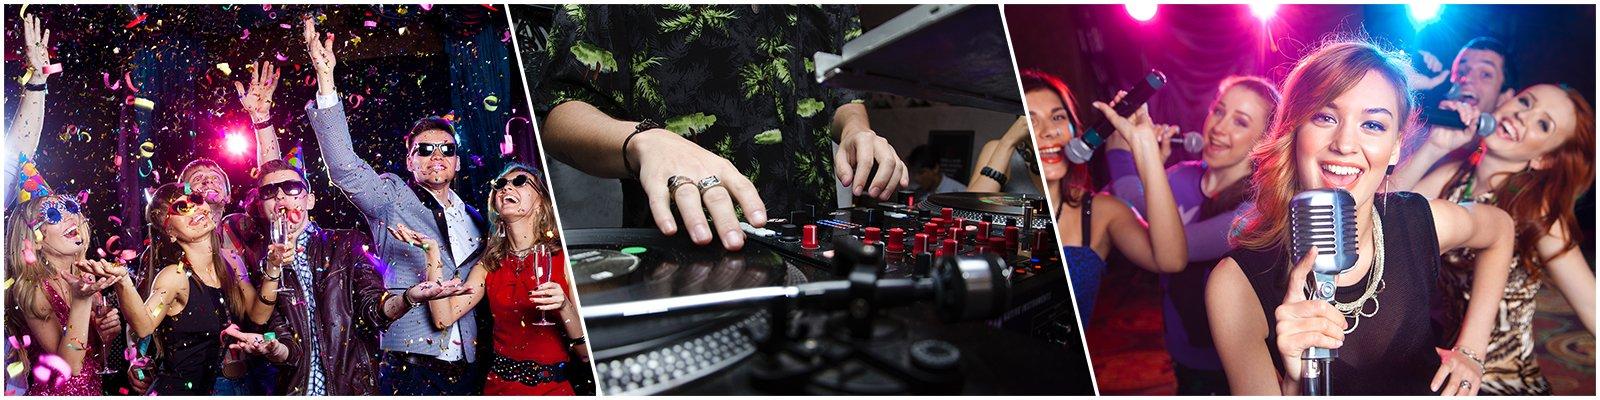 Musica per eventi e per feste private Dario Marra DJ